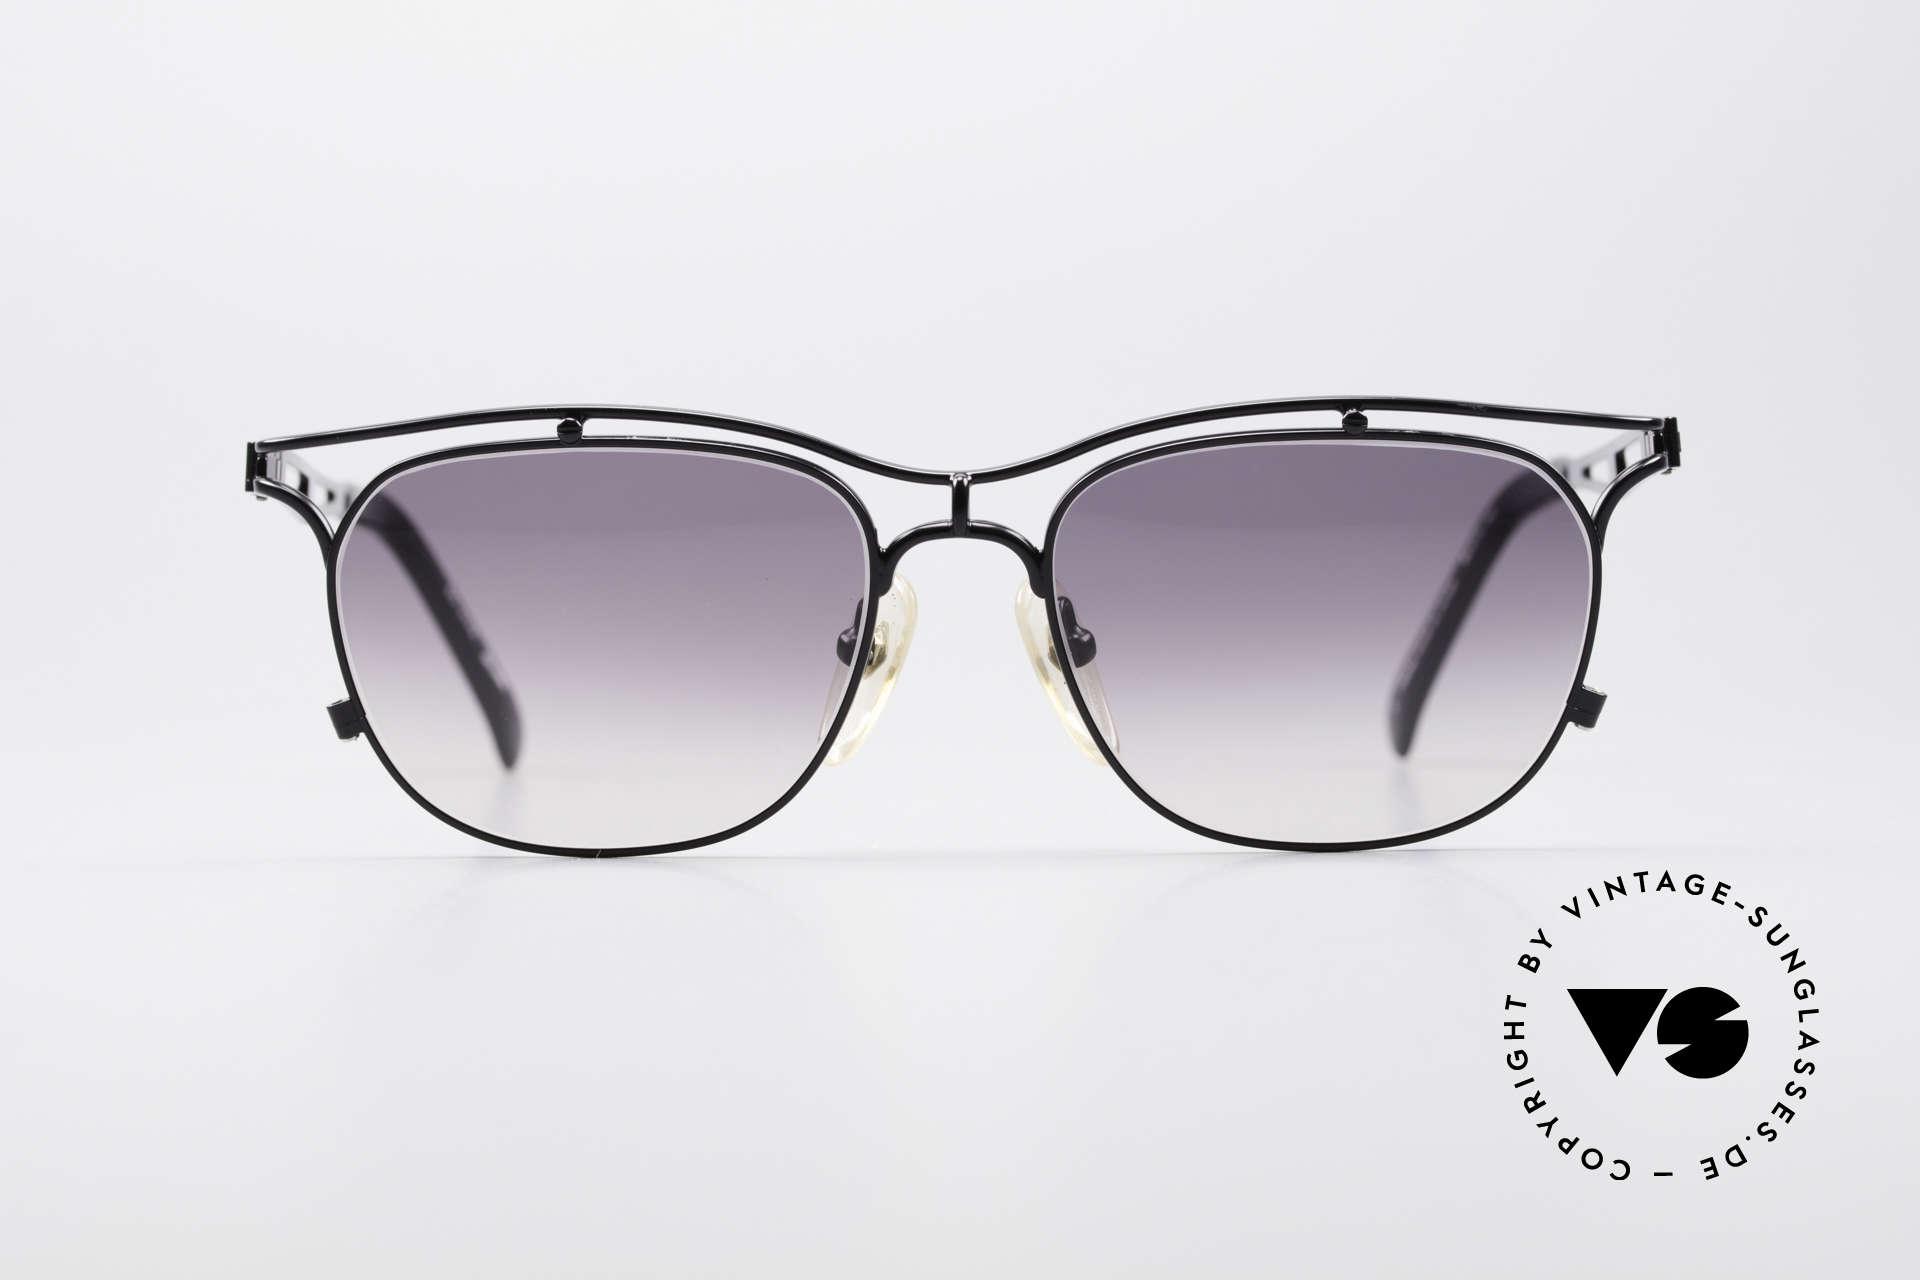 Jean Paul Gaultier 55-2178 No Retro JPG Designerbrille, absolute (fühlbare) TOP-Qualität; made in Japan, Passend für Herren und Damen